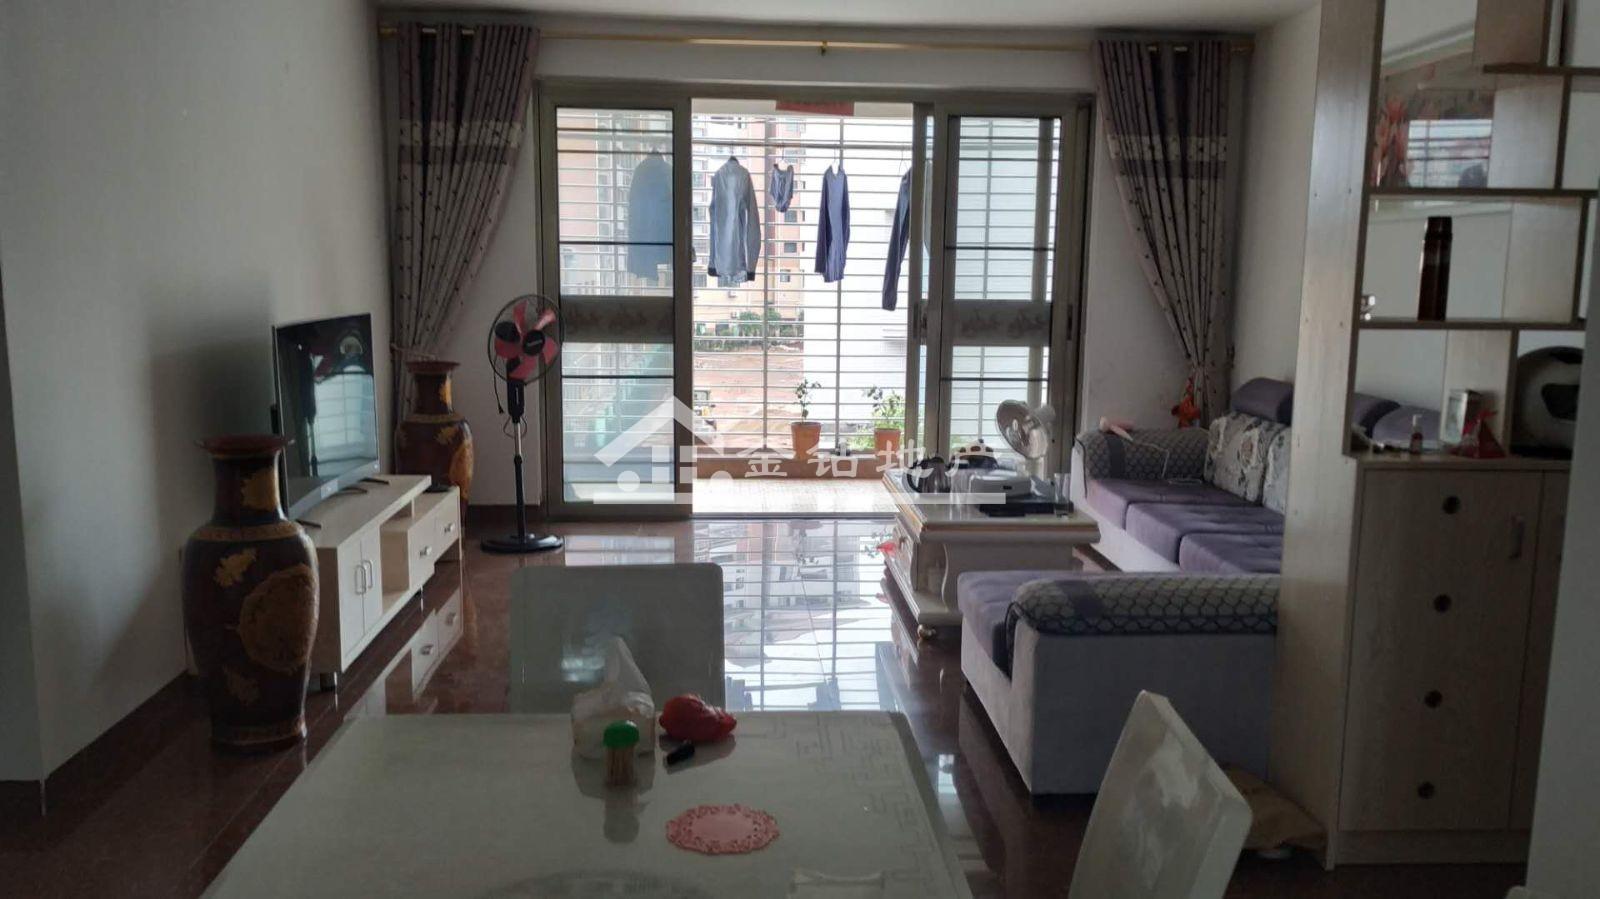 福都华庭78万2室2厅2卫普通装修难得的好户型